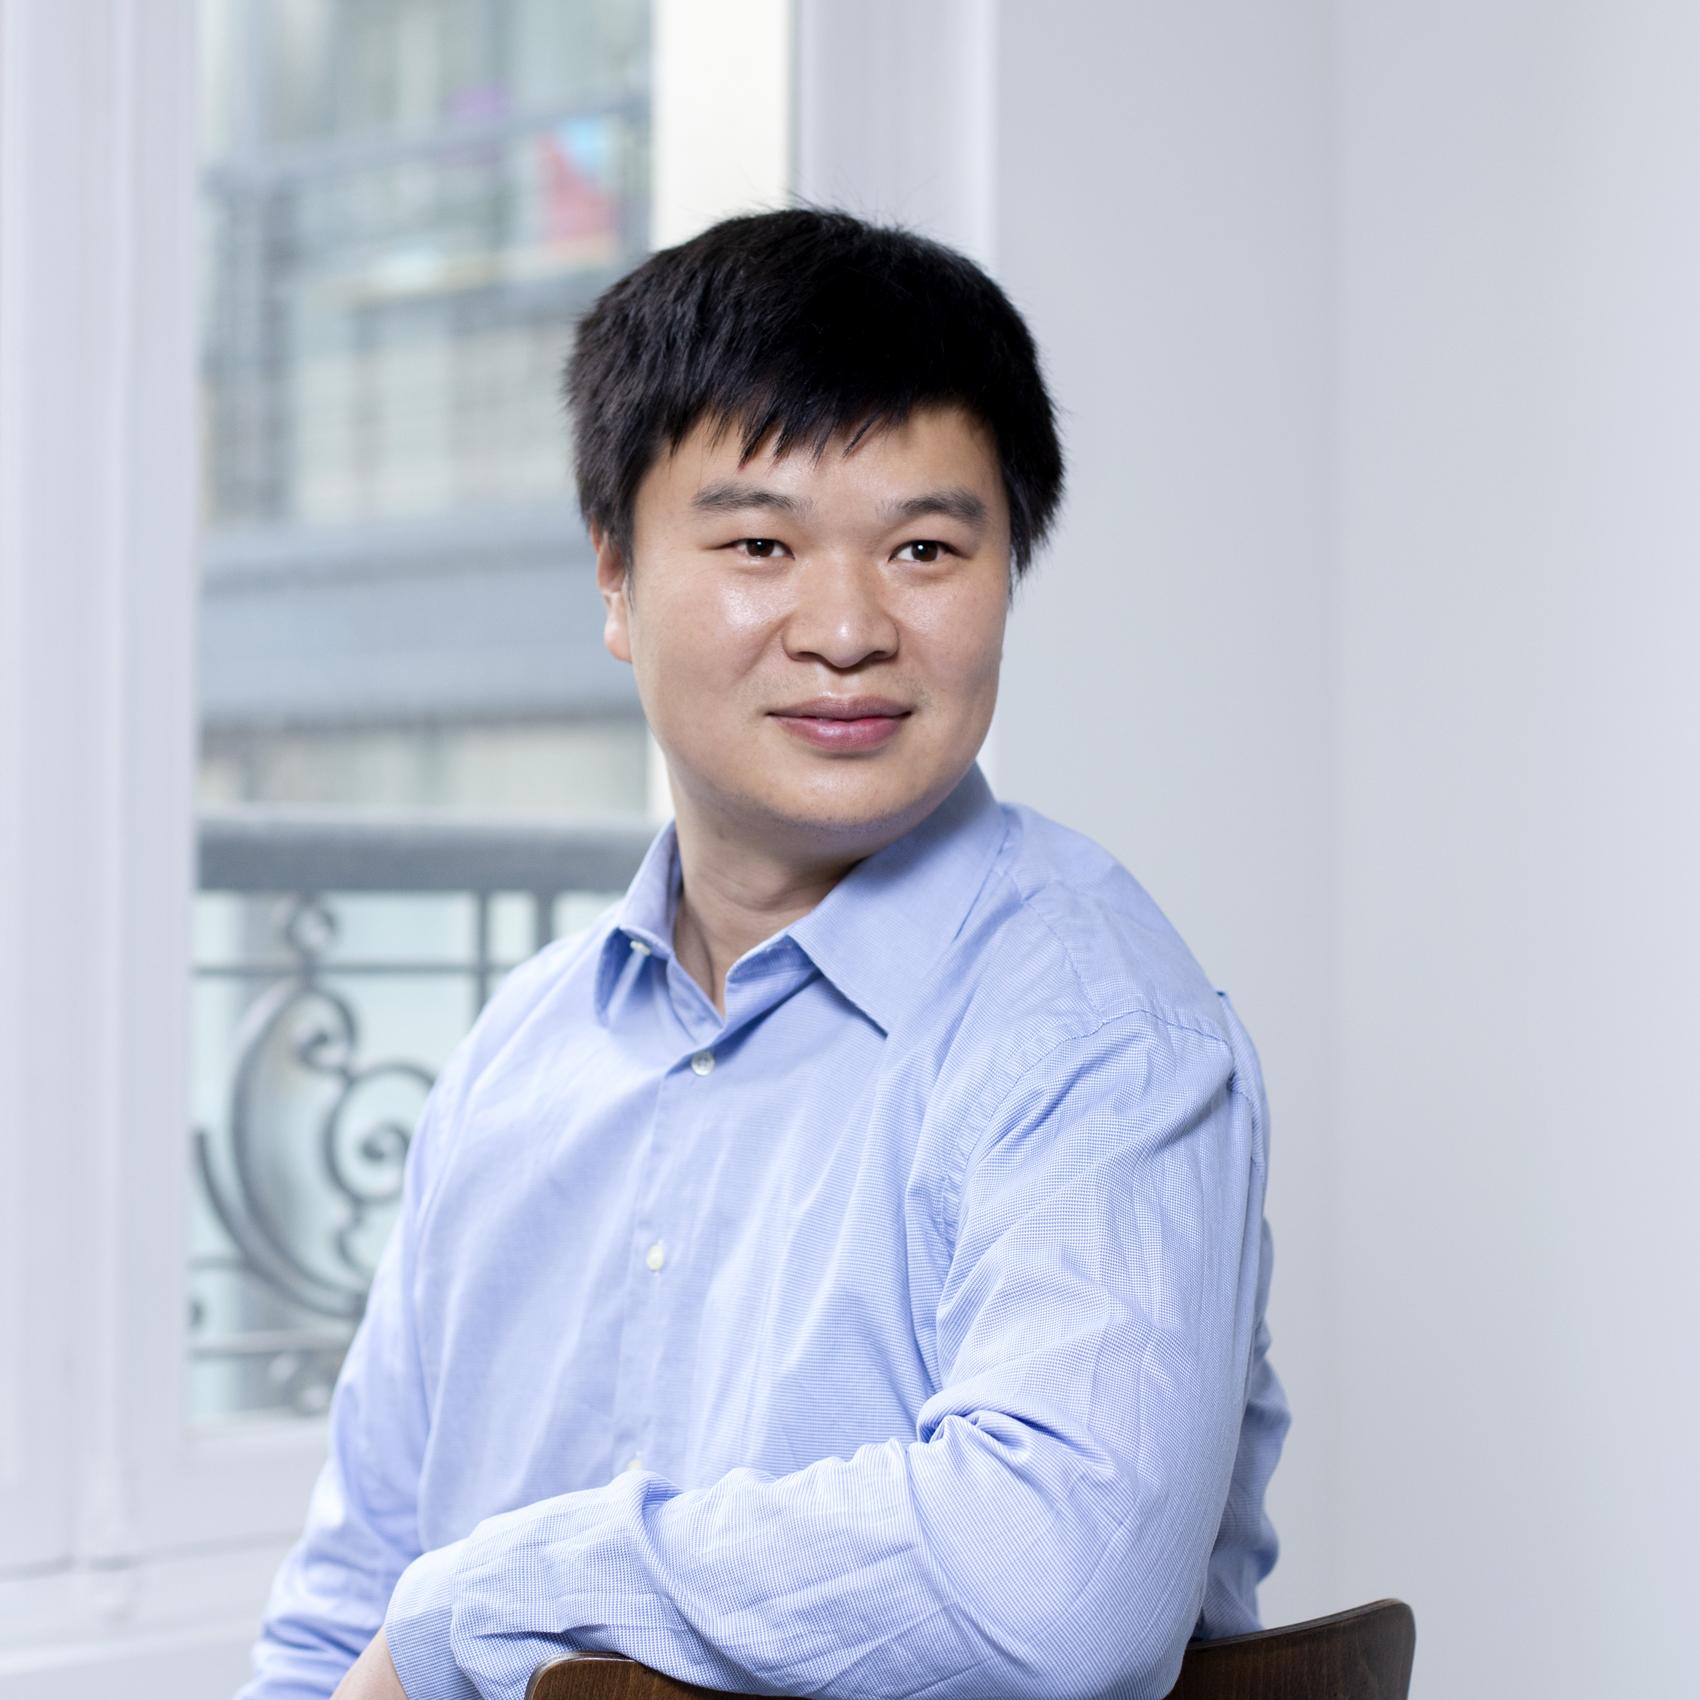 Bin Xiao